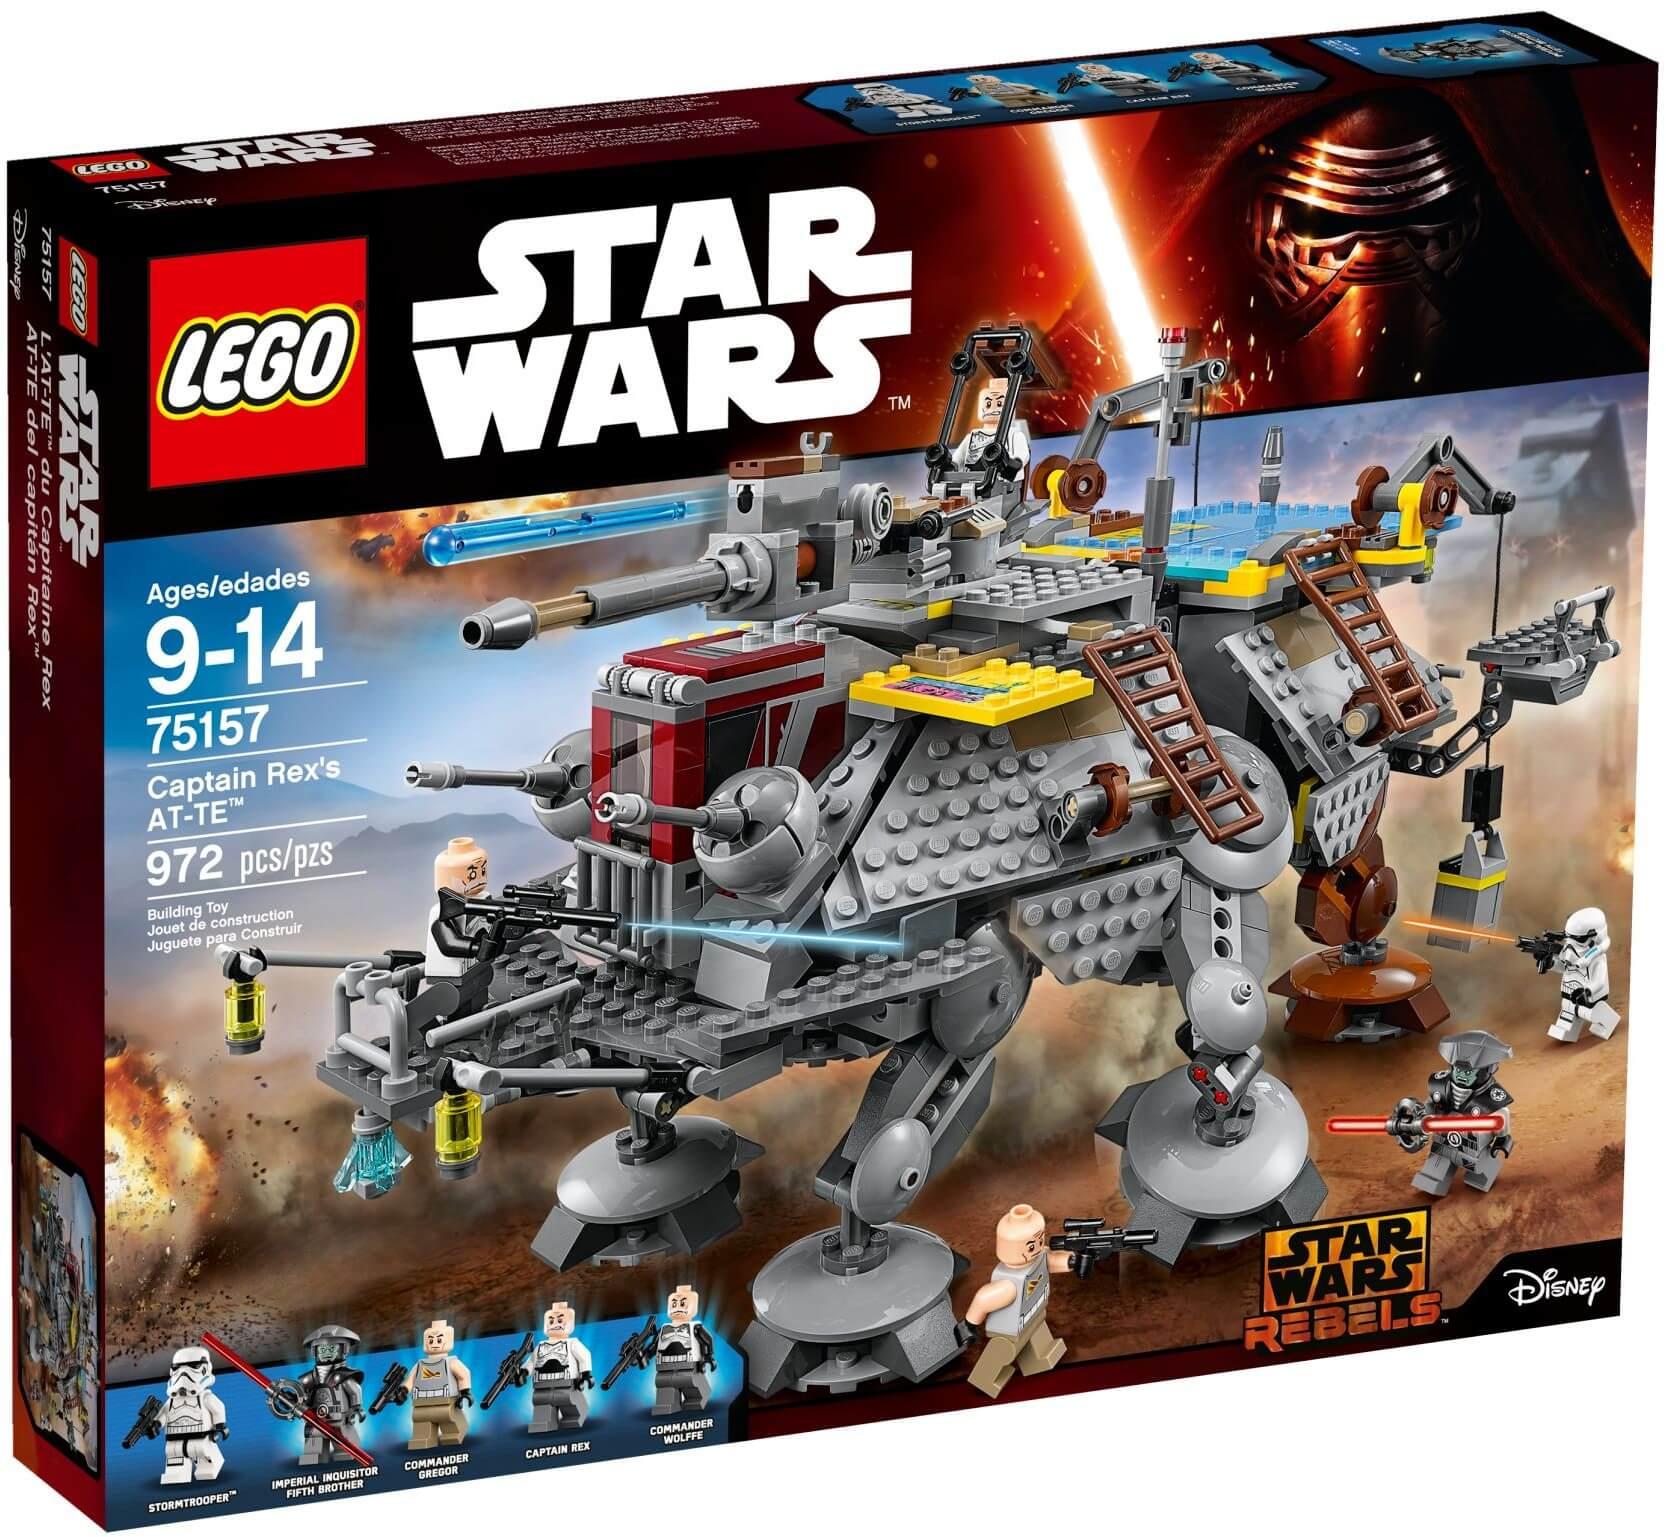 Mua đồ chơi LEGO 75157 - LEGO Star Wars 75157 - Robot AT-TE Khổng Lồ của Chỉ Huy Rex (LEGO Star Wars Captain Rex's AT-TE 75157)